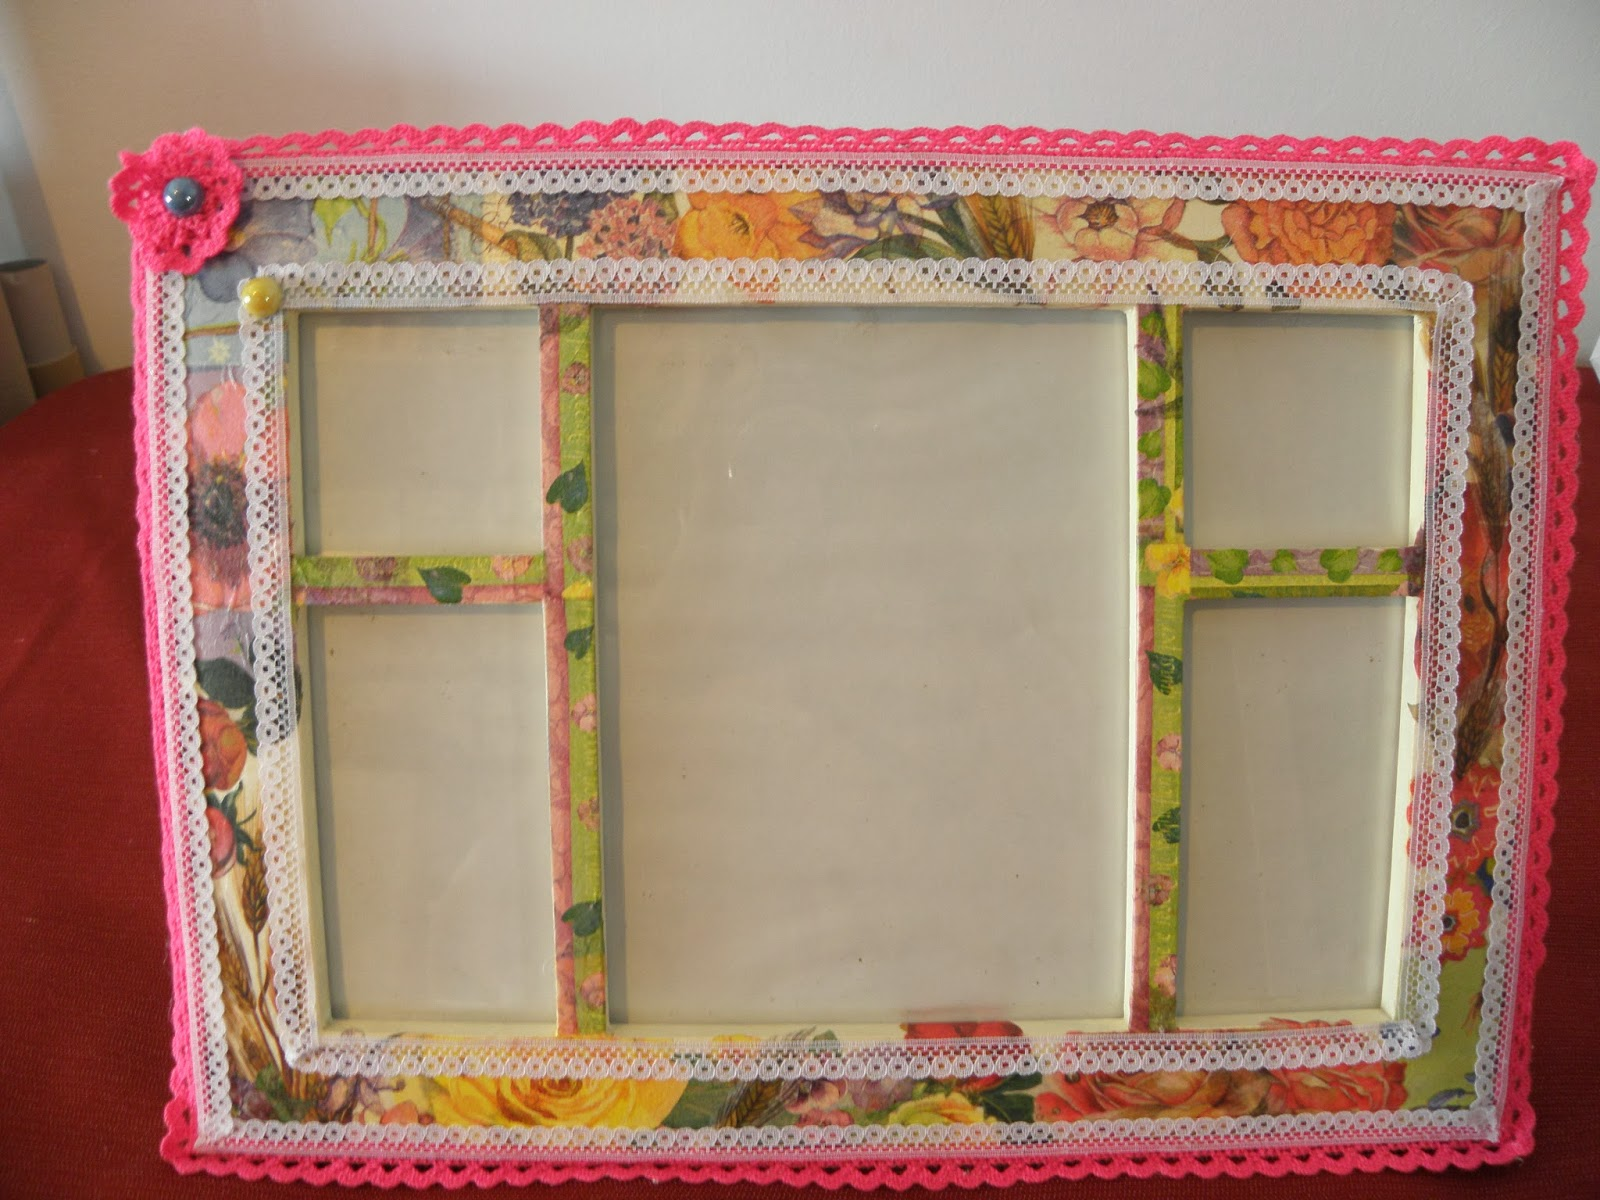 Marcos para espejos manualidades imagui for Espejos con marcos decorados